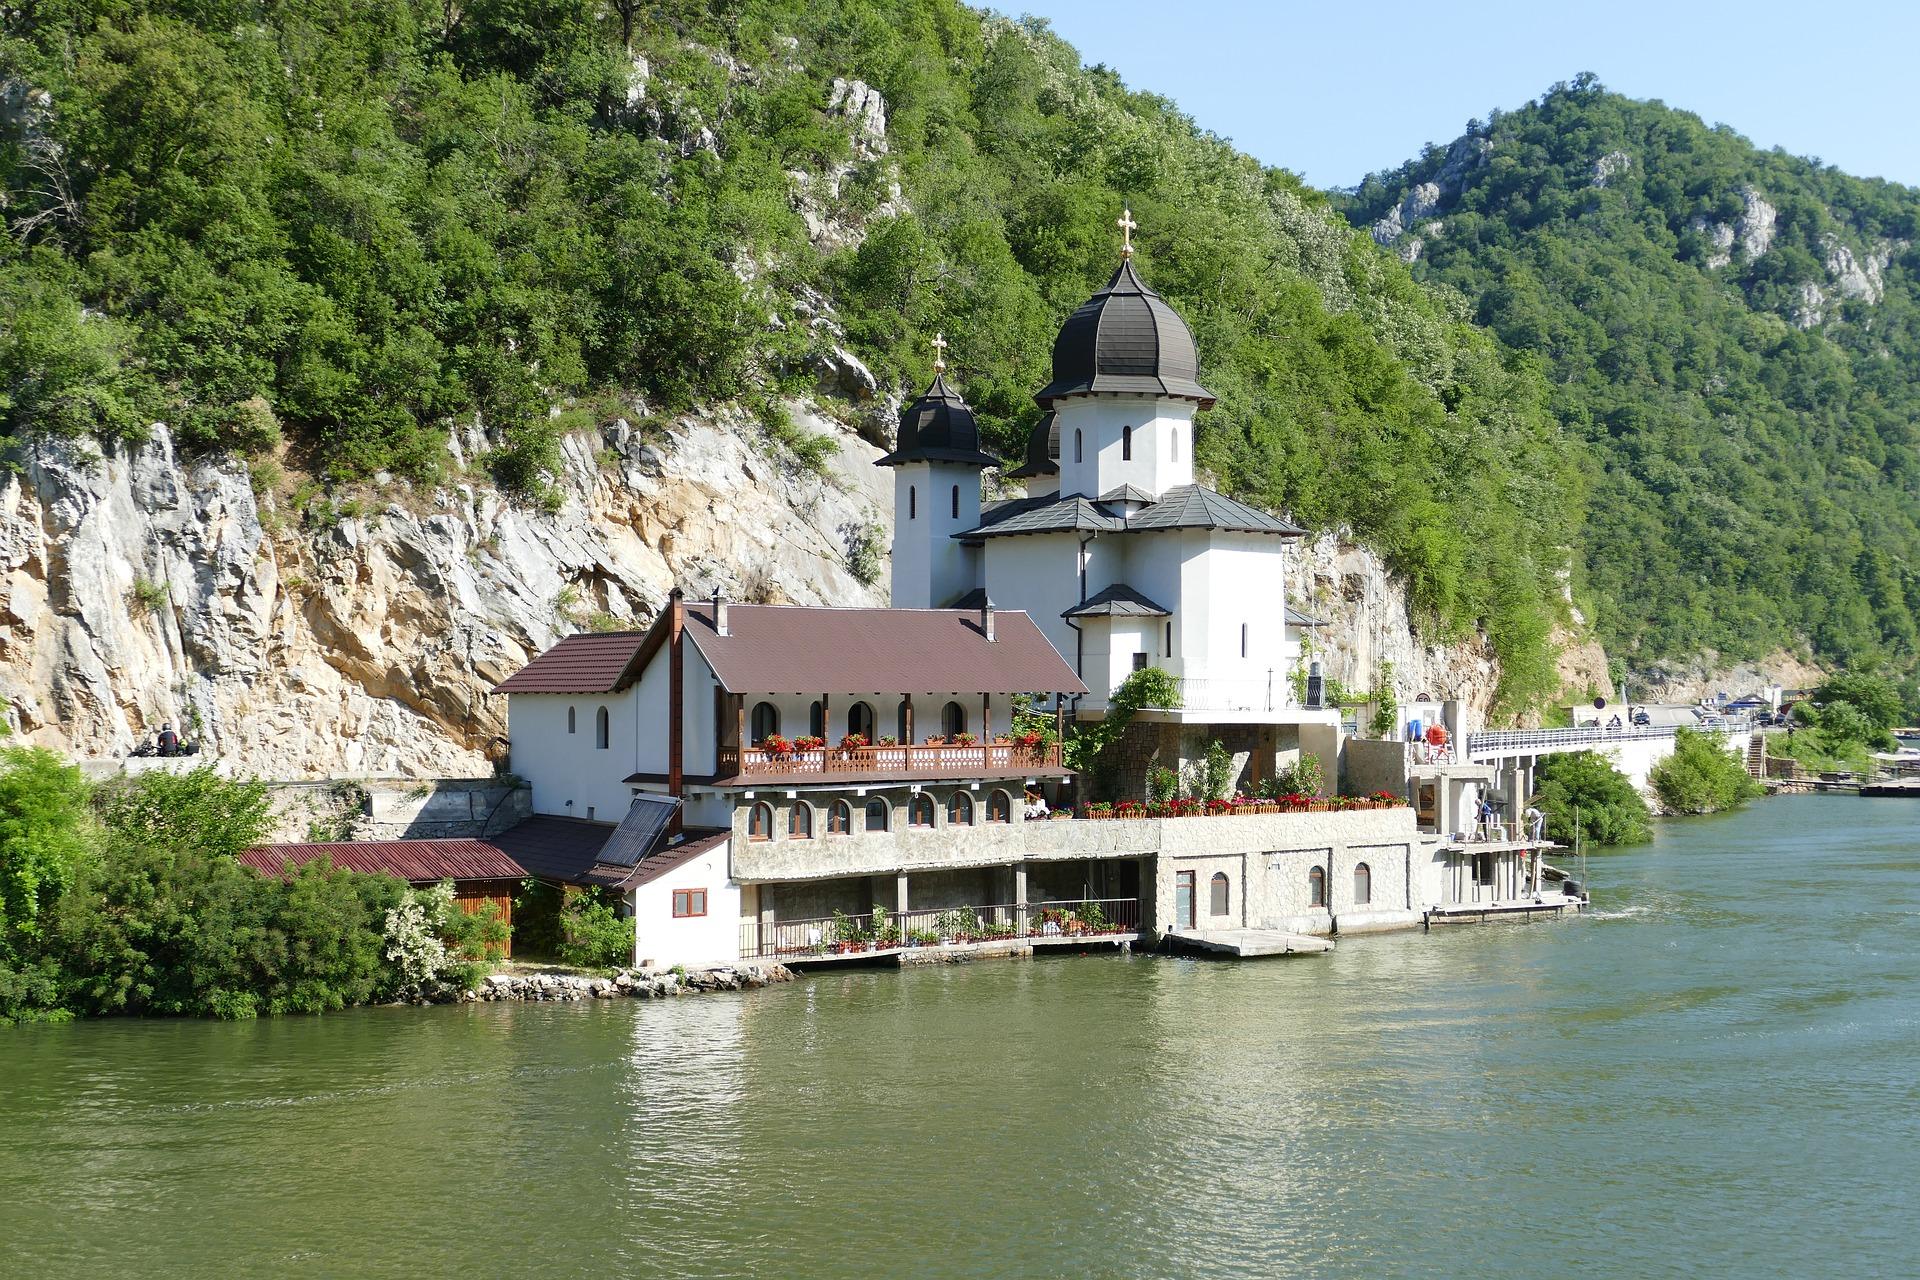 Danube in Serbia